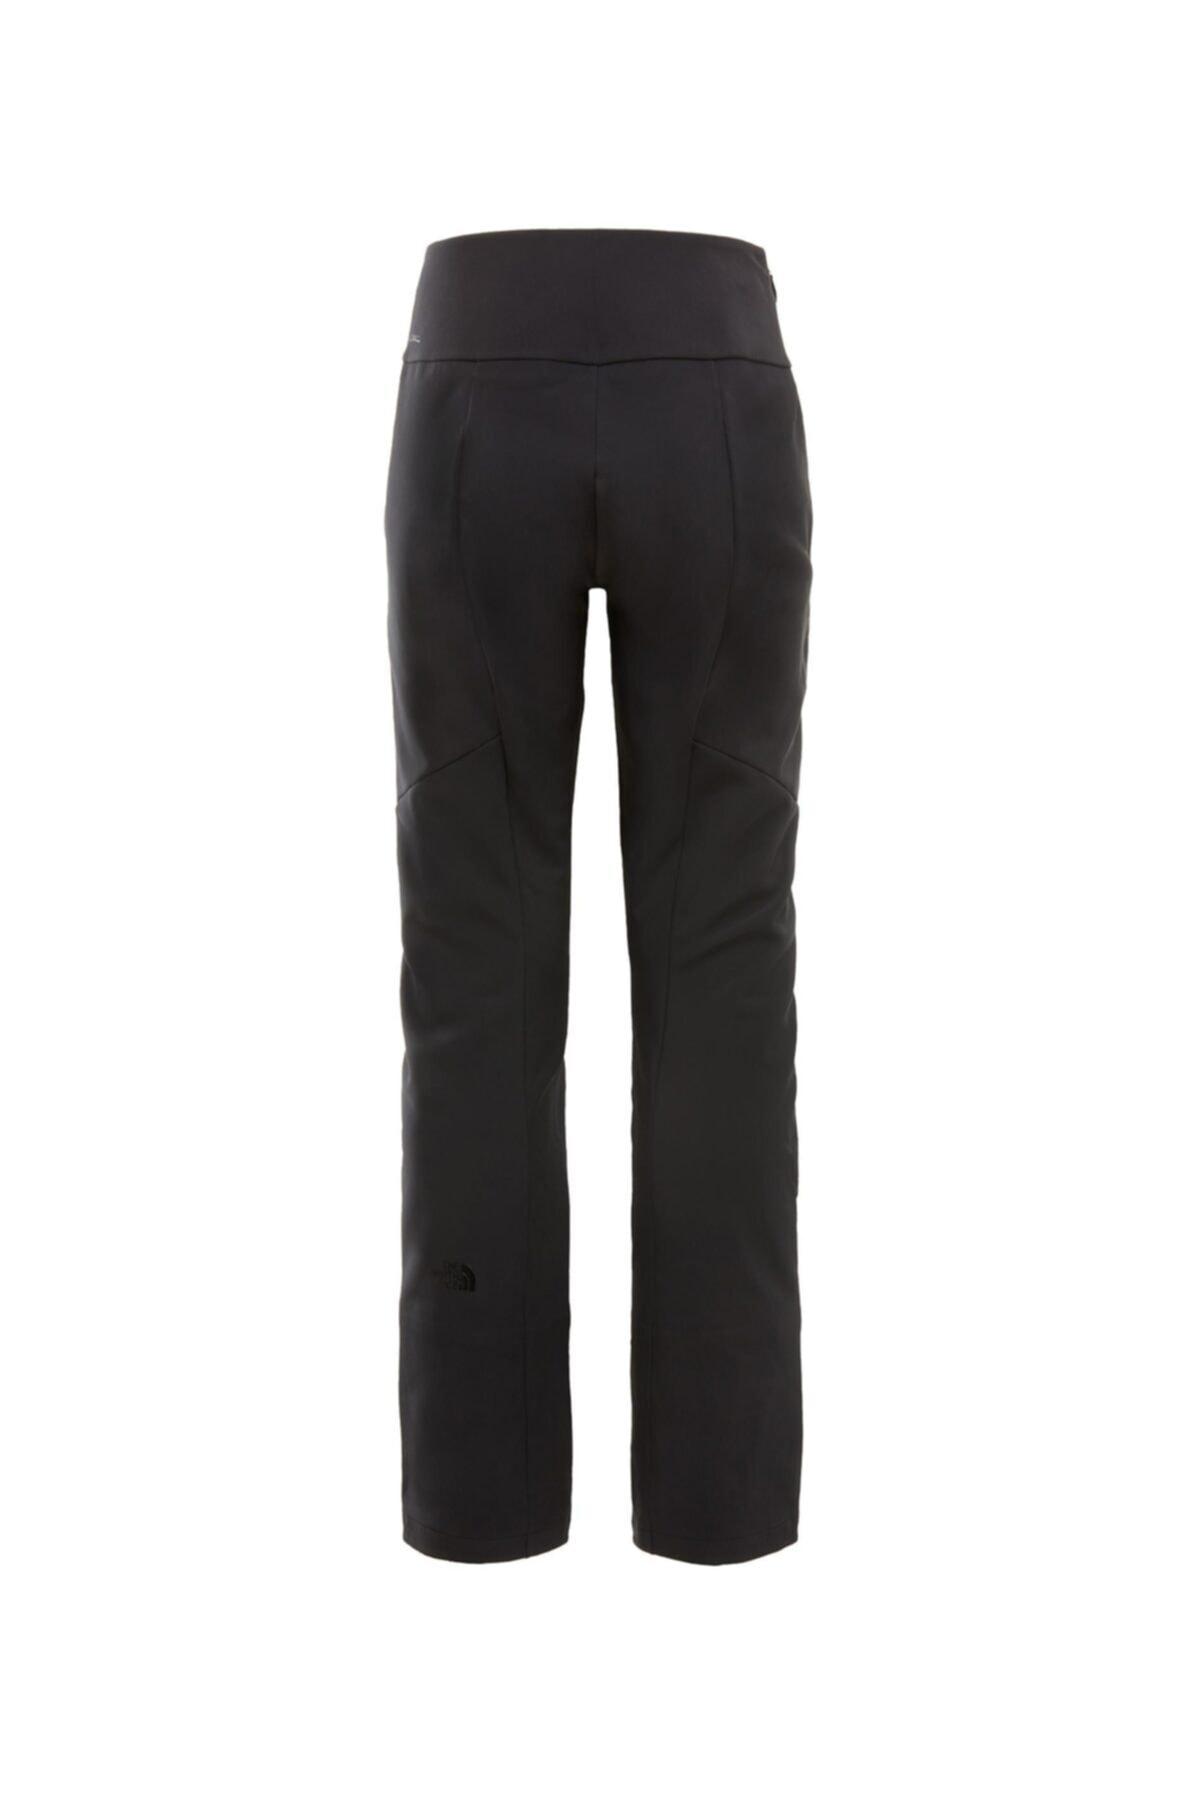 THE NORTH FACE Snoga Kadın Pantolon Siyah 2